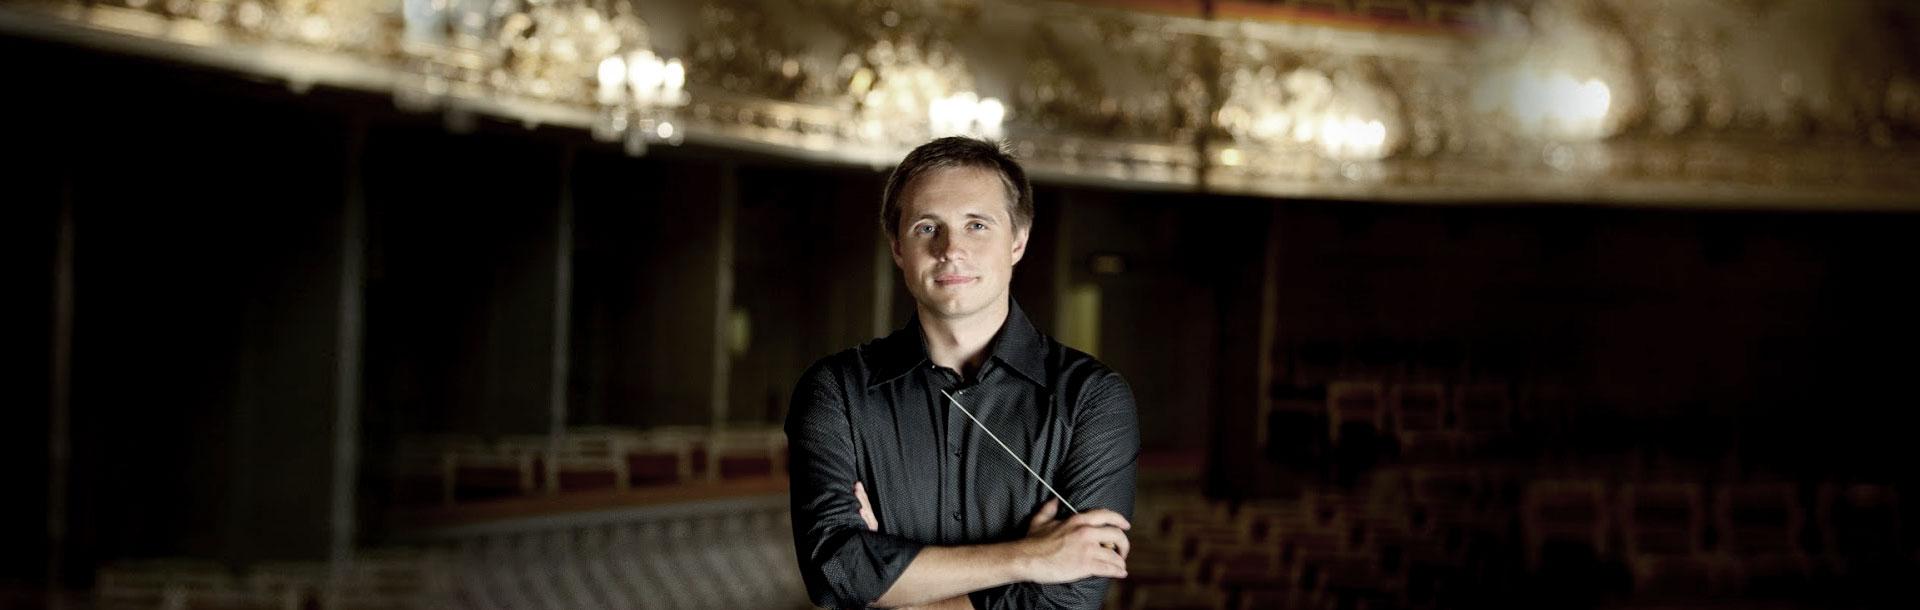 brahms_vasily_petrenko_orchestre_symphonique_de_montreal_1920_610